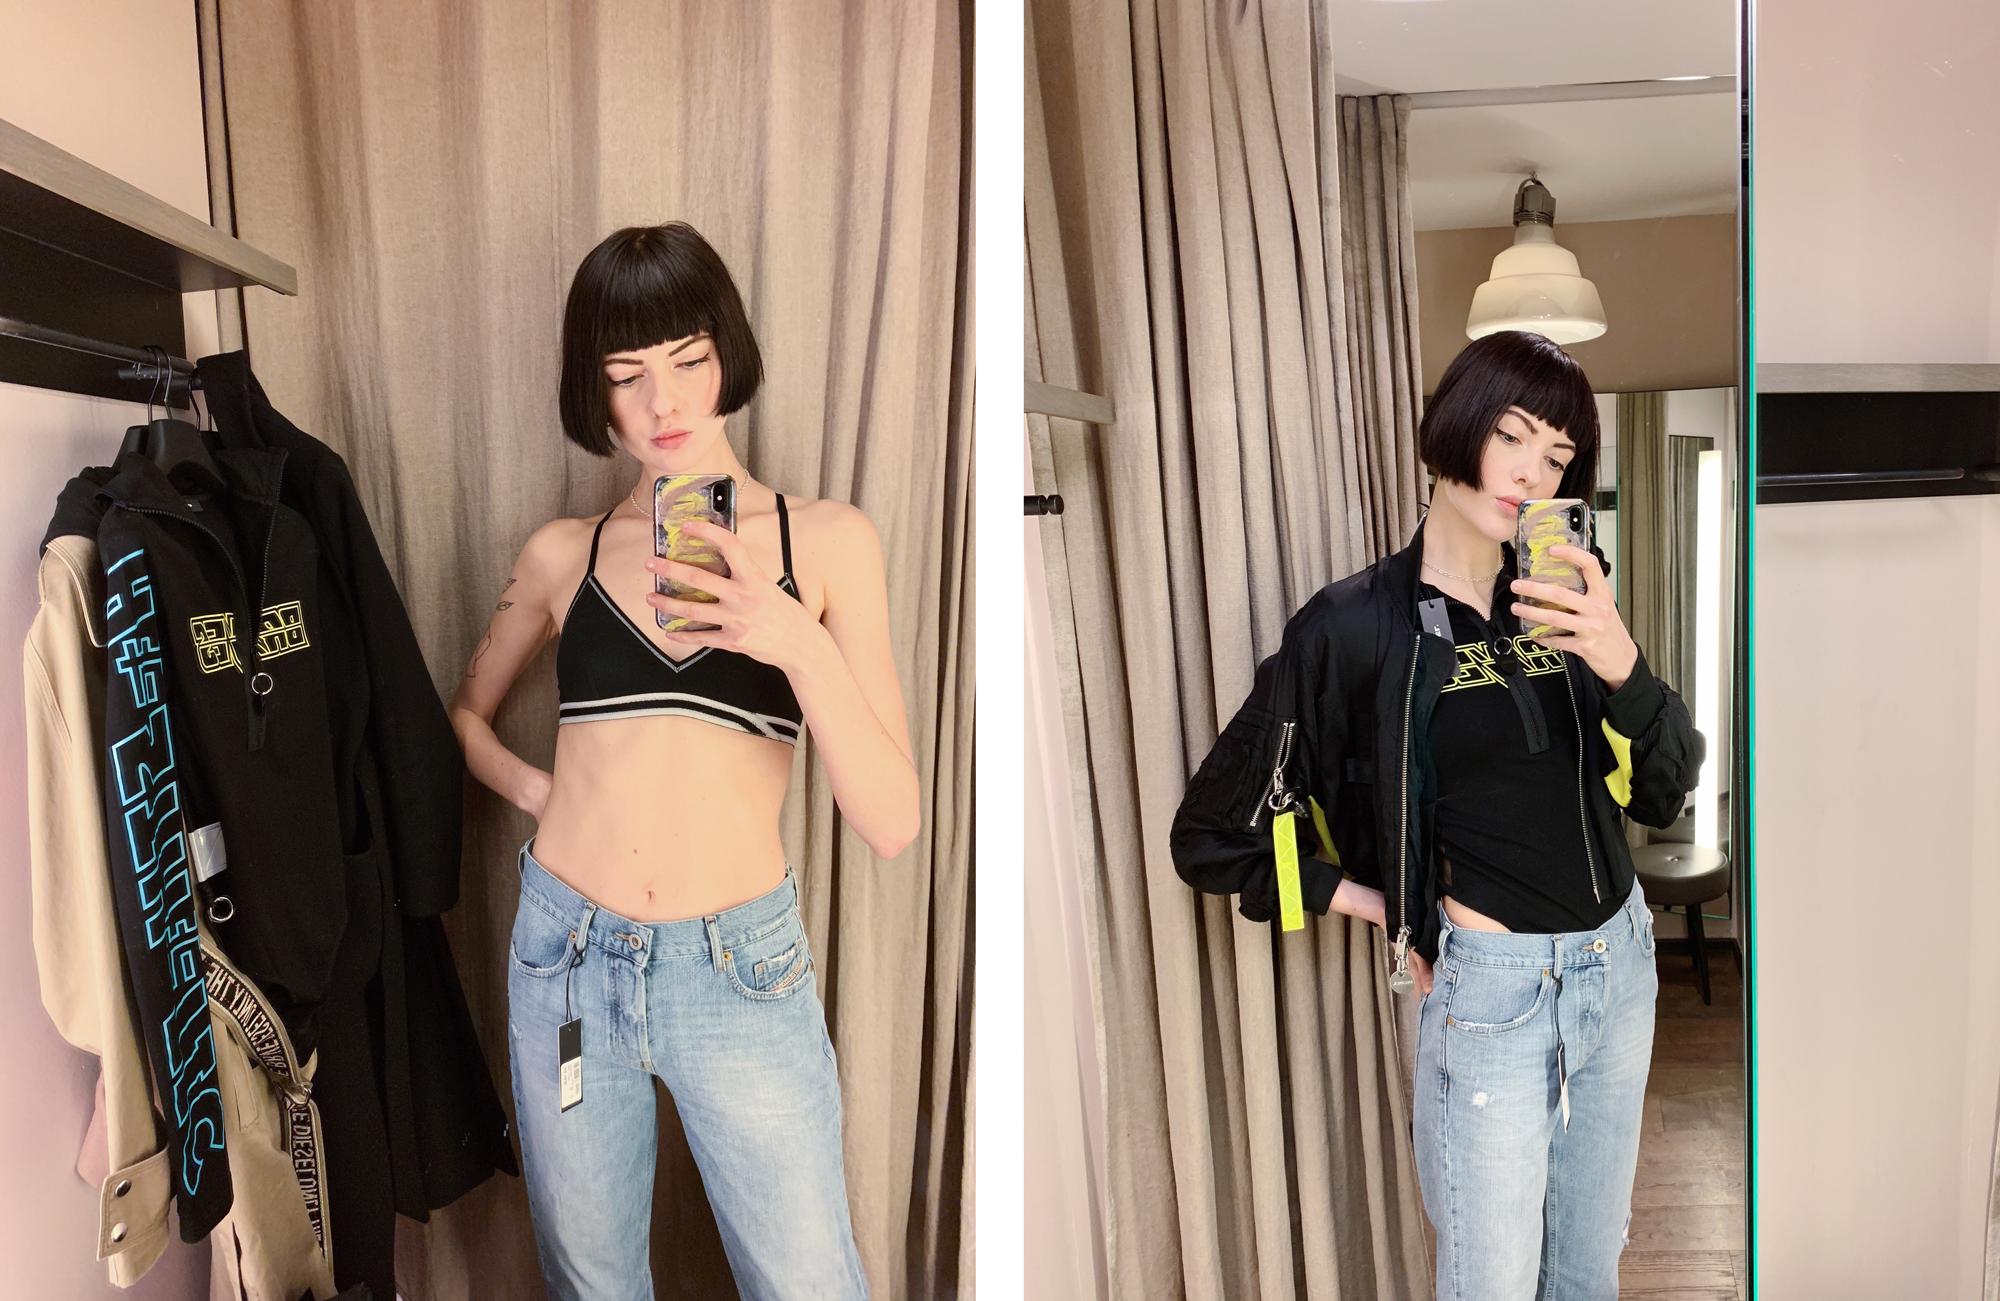 0a37065ed25 Var där och plockade kläder förra veckan, självklart hade det ett enda par  jeans i min udda storlek, haha, men vad gäller resterande plagg i outfiten  ...